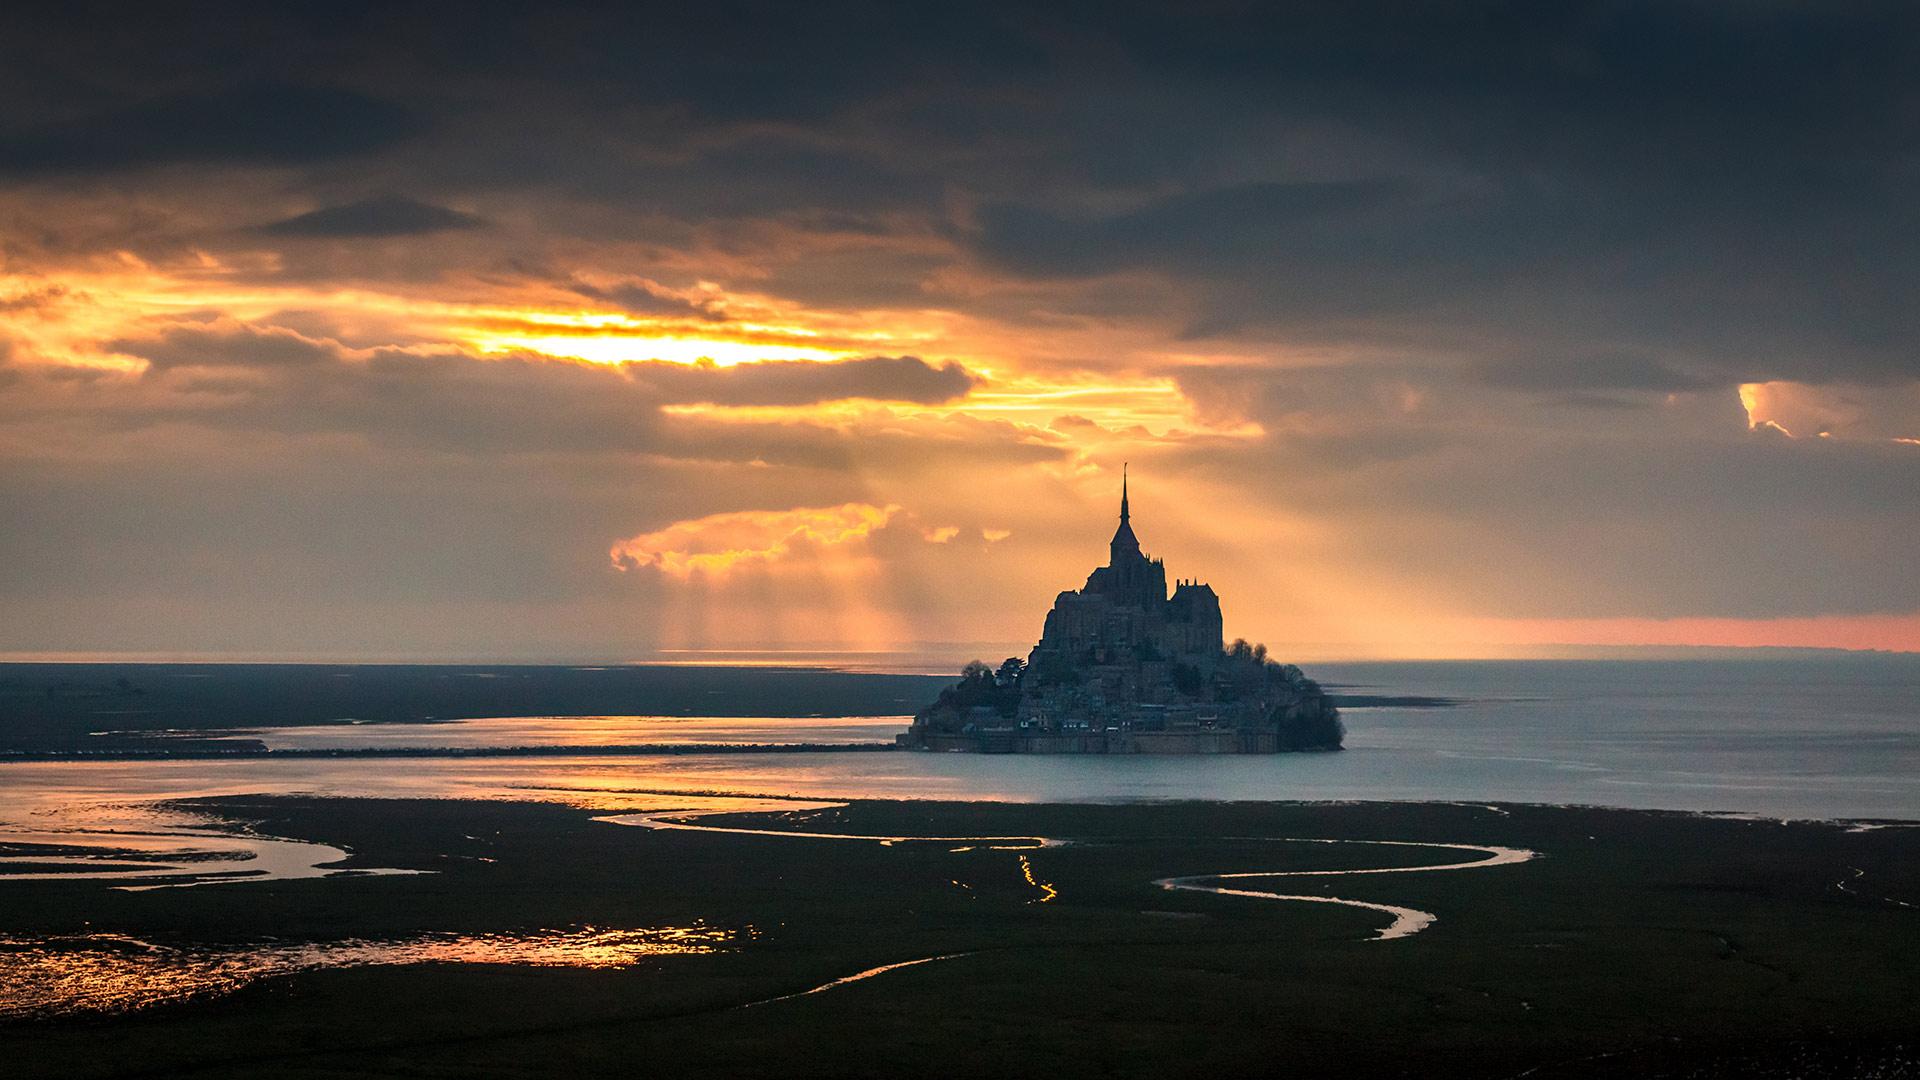 Le Mont Saint Michel dans une lumière fantastique (© Mathieu Rivrin/Getty Images)(Bing France)